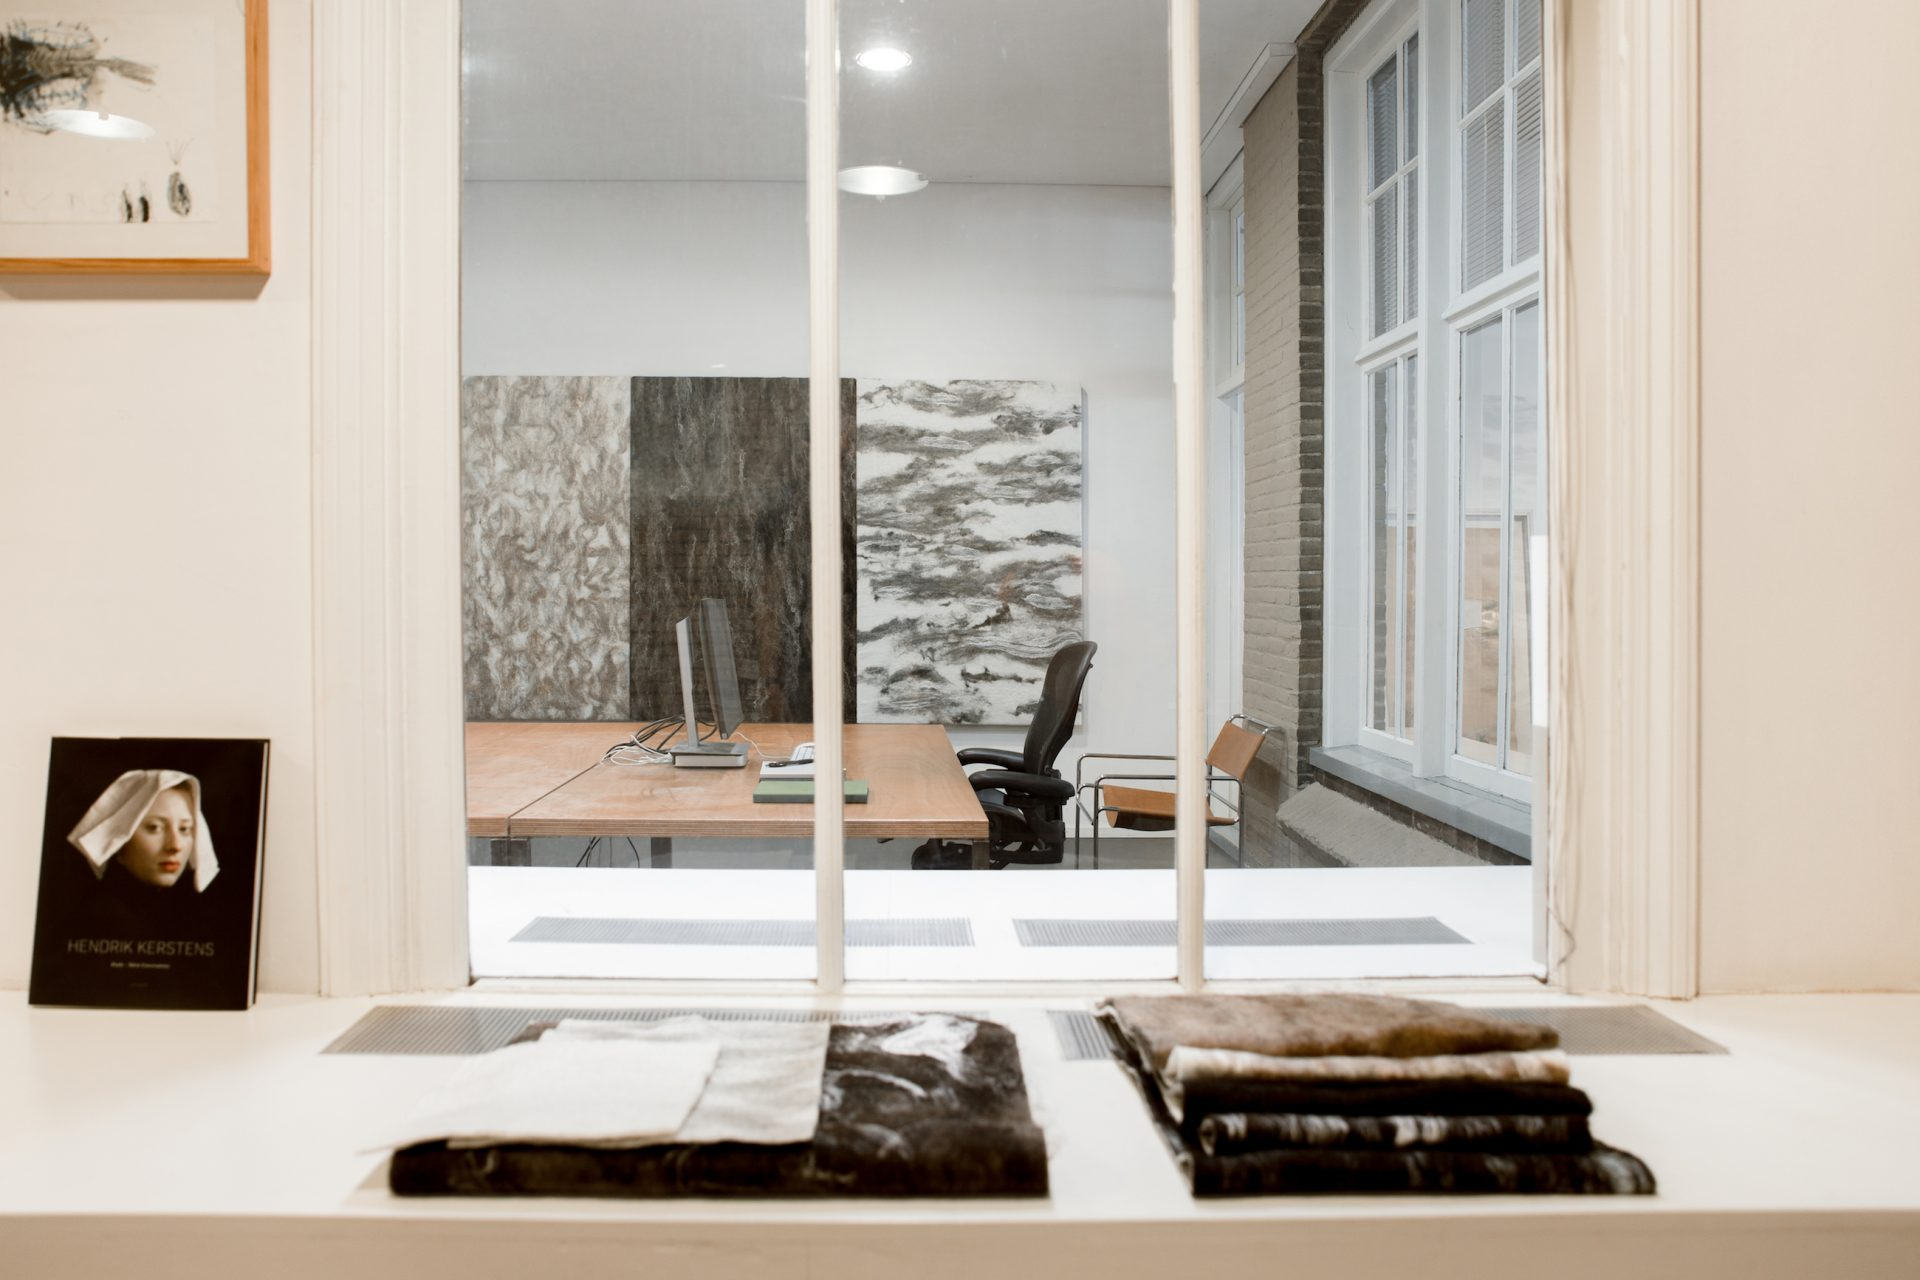 Roem studio voor interieurontwerp maakt onder andere concept, ontwerp, plattegrond, indelingen, advies, en doet begeleiding bij realisatie.